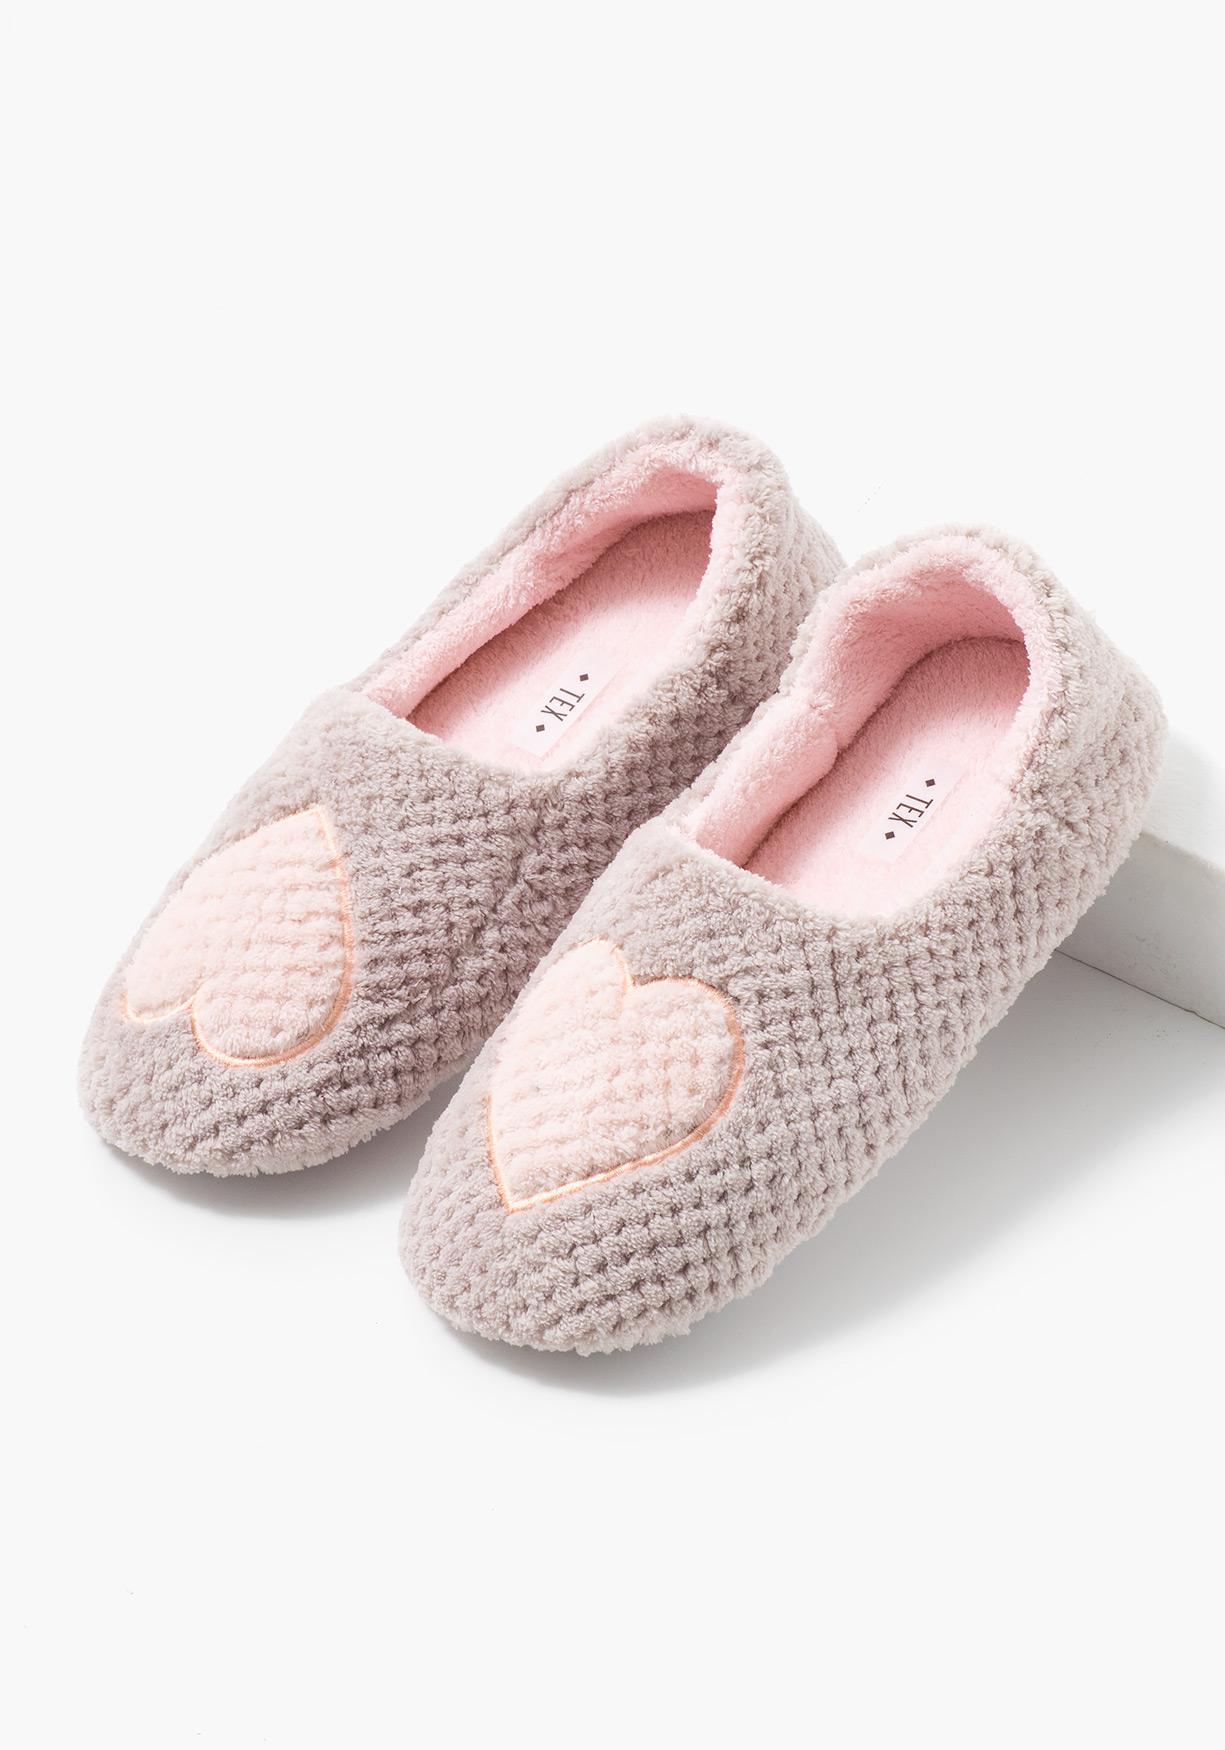 Ofertas en moda tu tienda de ropa online en carrefour tex - Zapatillas de estar en casa de nina ...